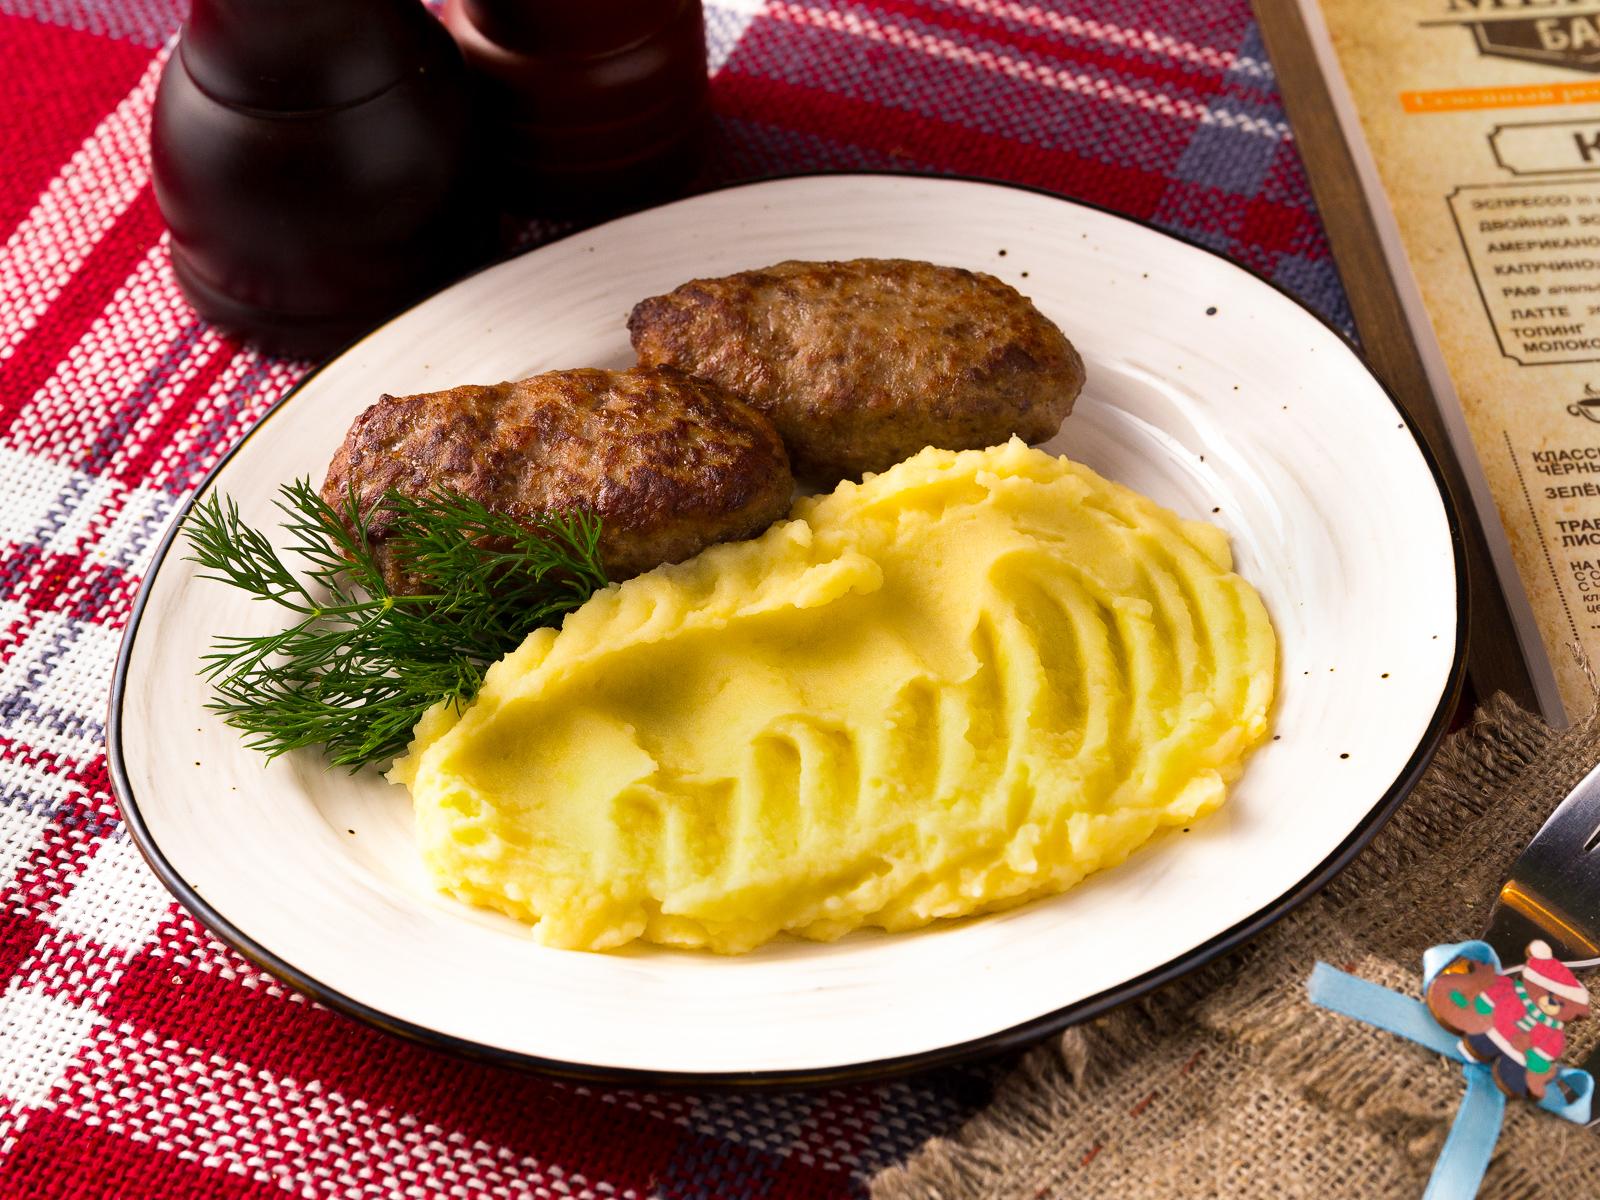 Котлета домашняя с жаренным картофелем и луком